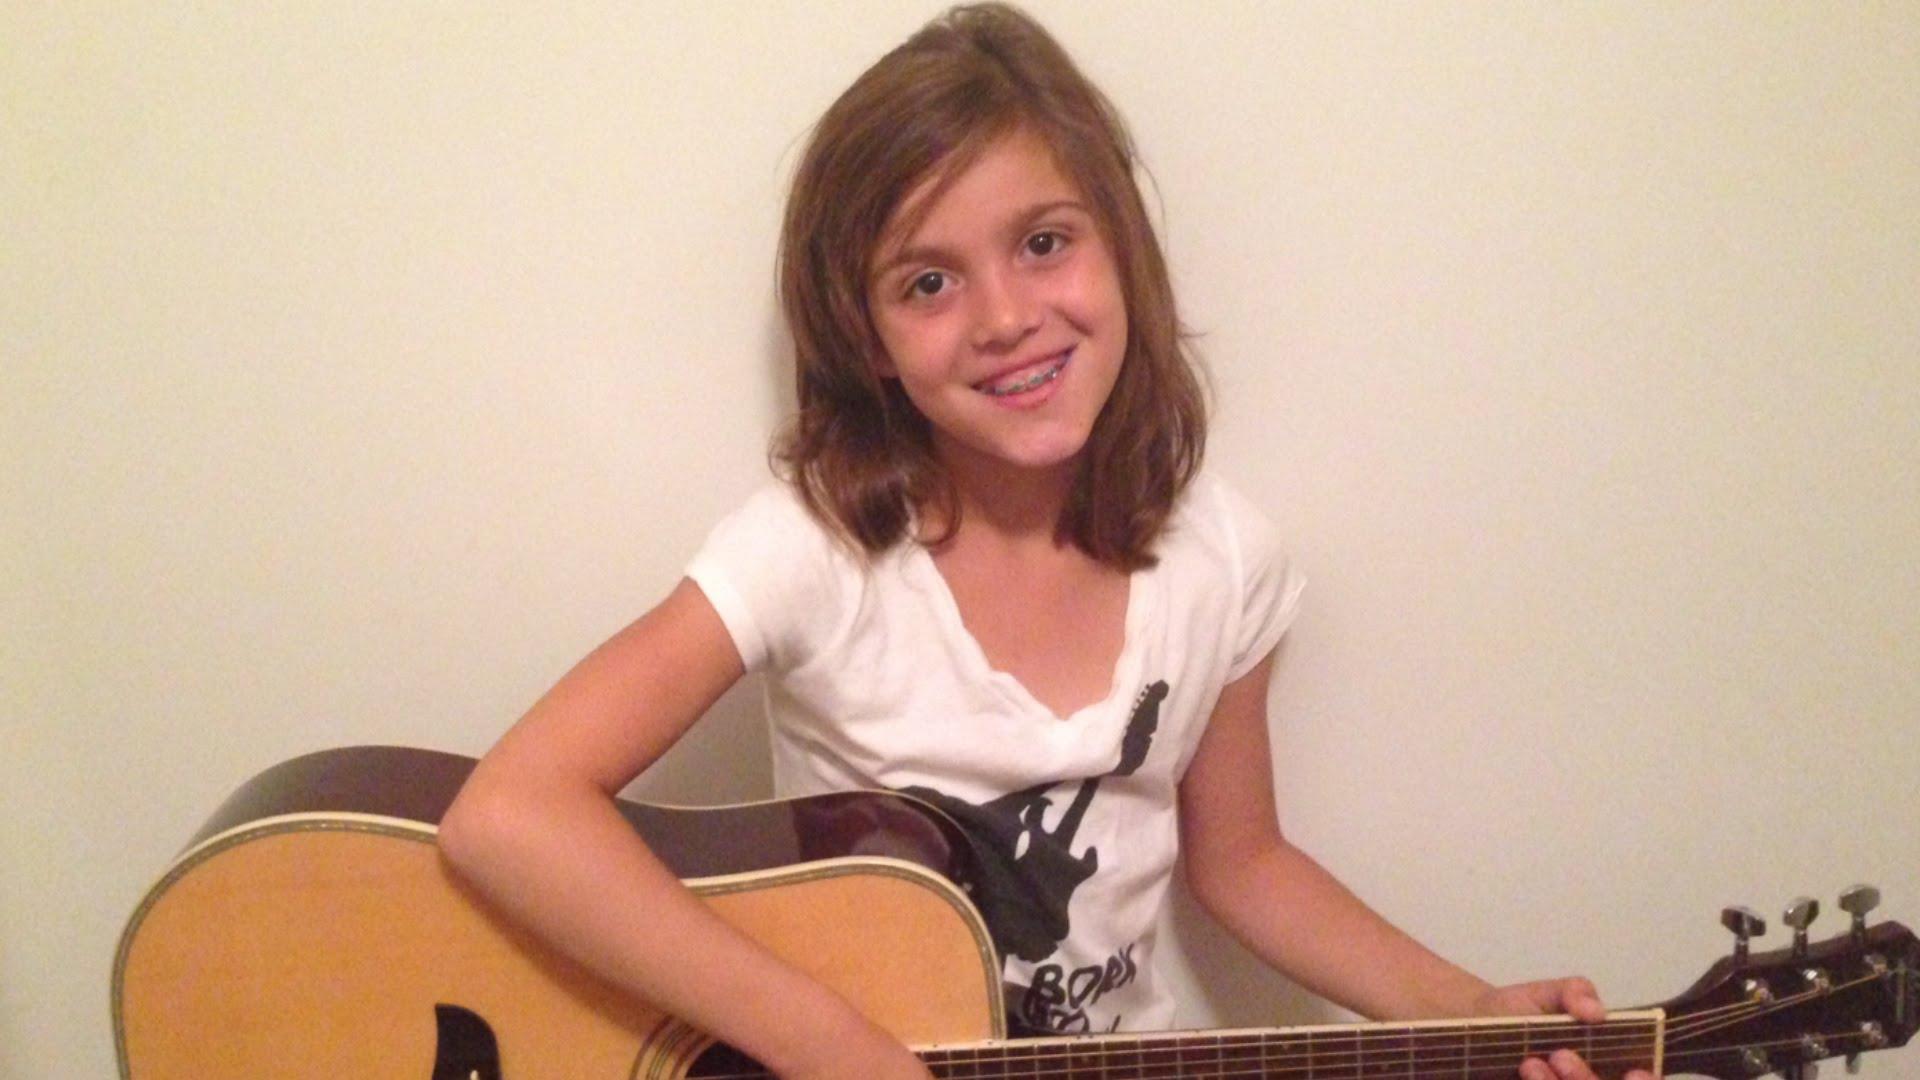 娘のギターの練習を邪魔するも全く相手にされない父親がシュール